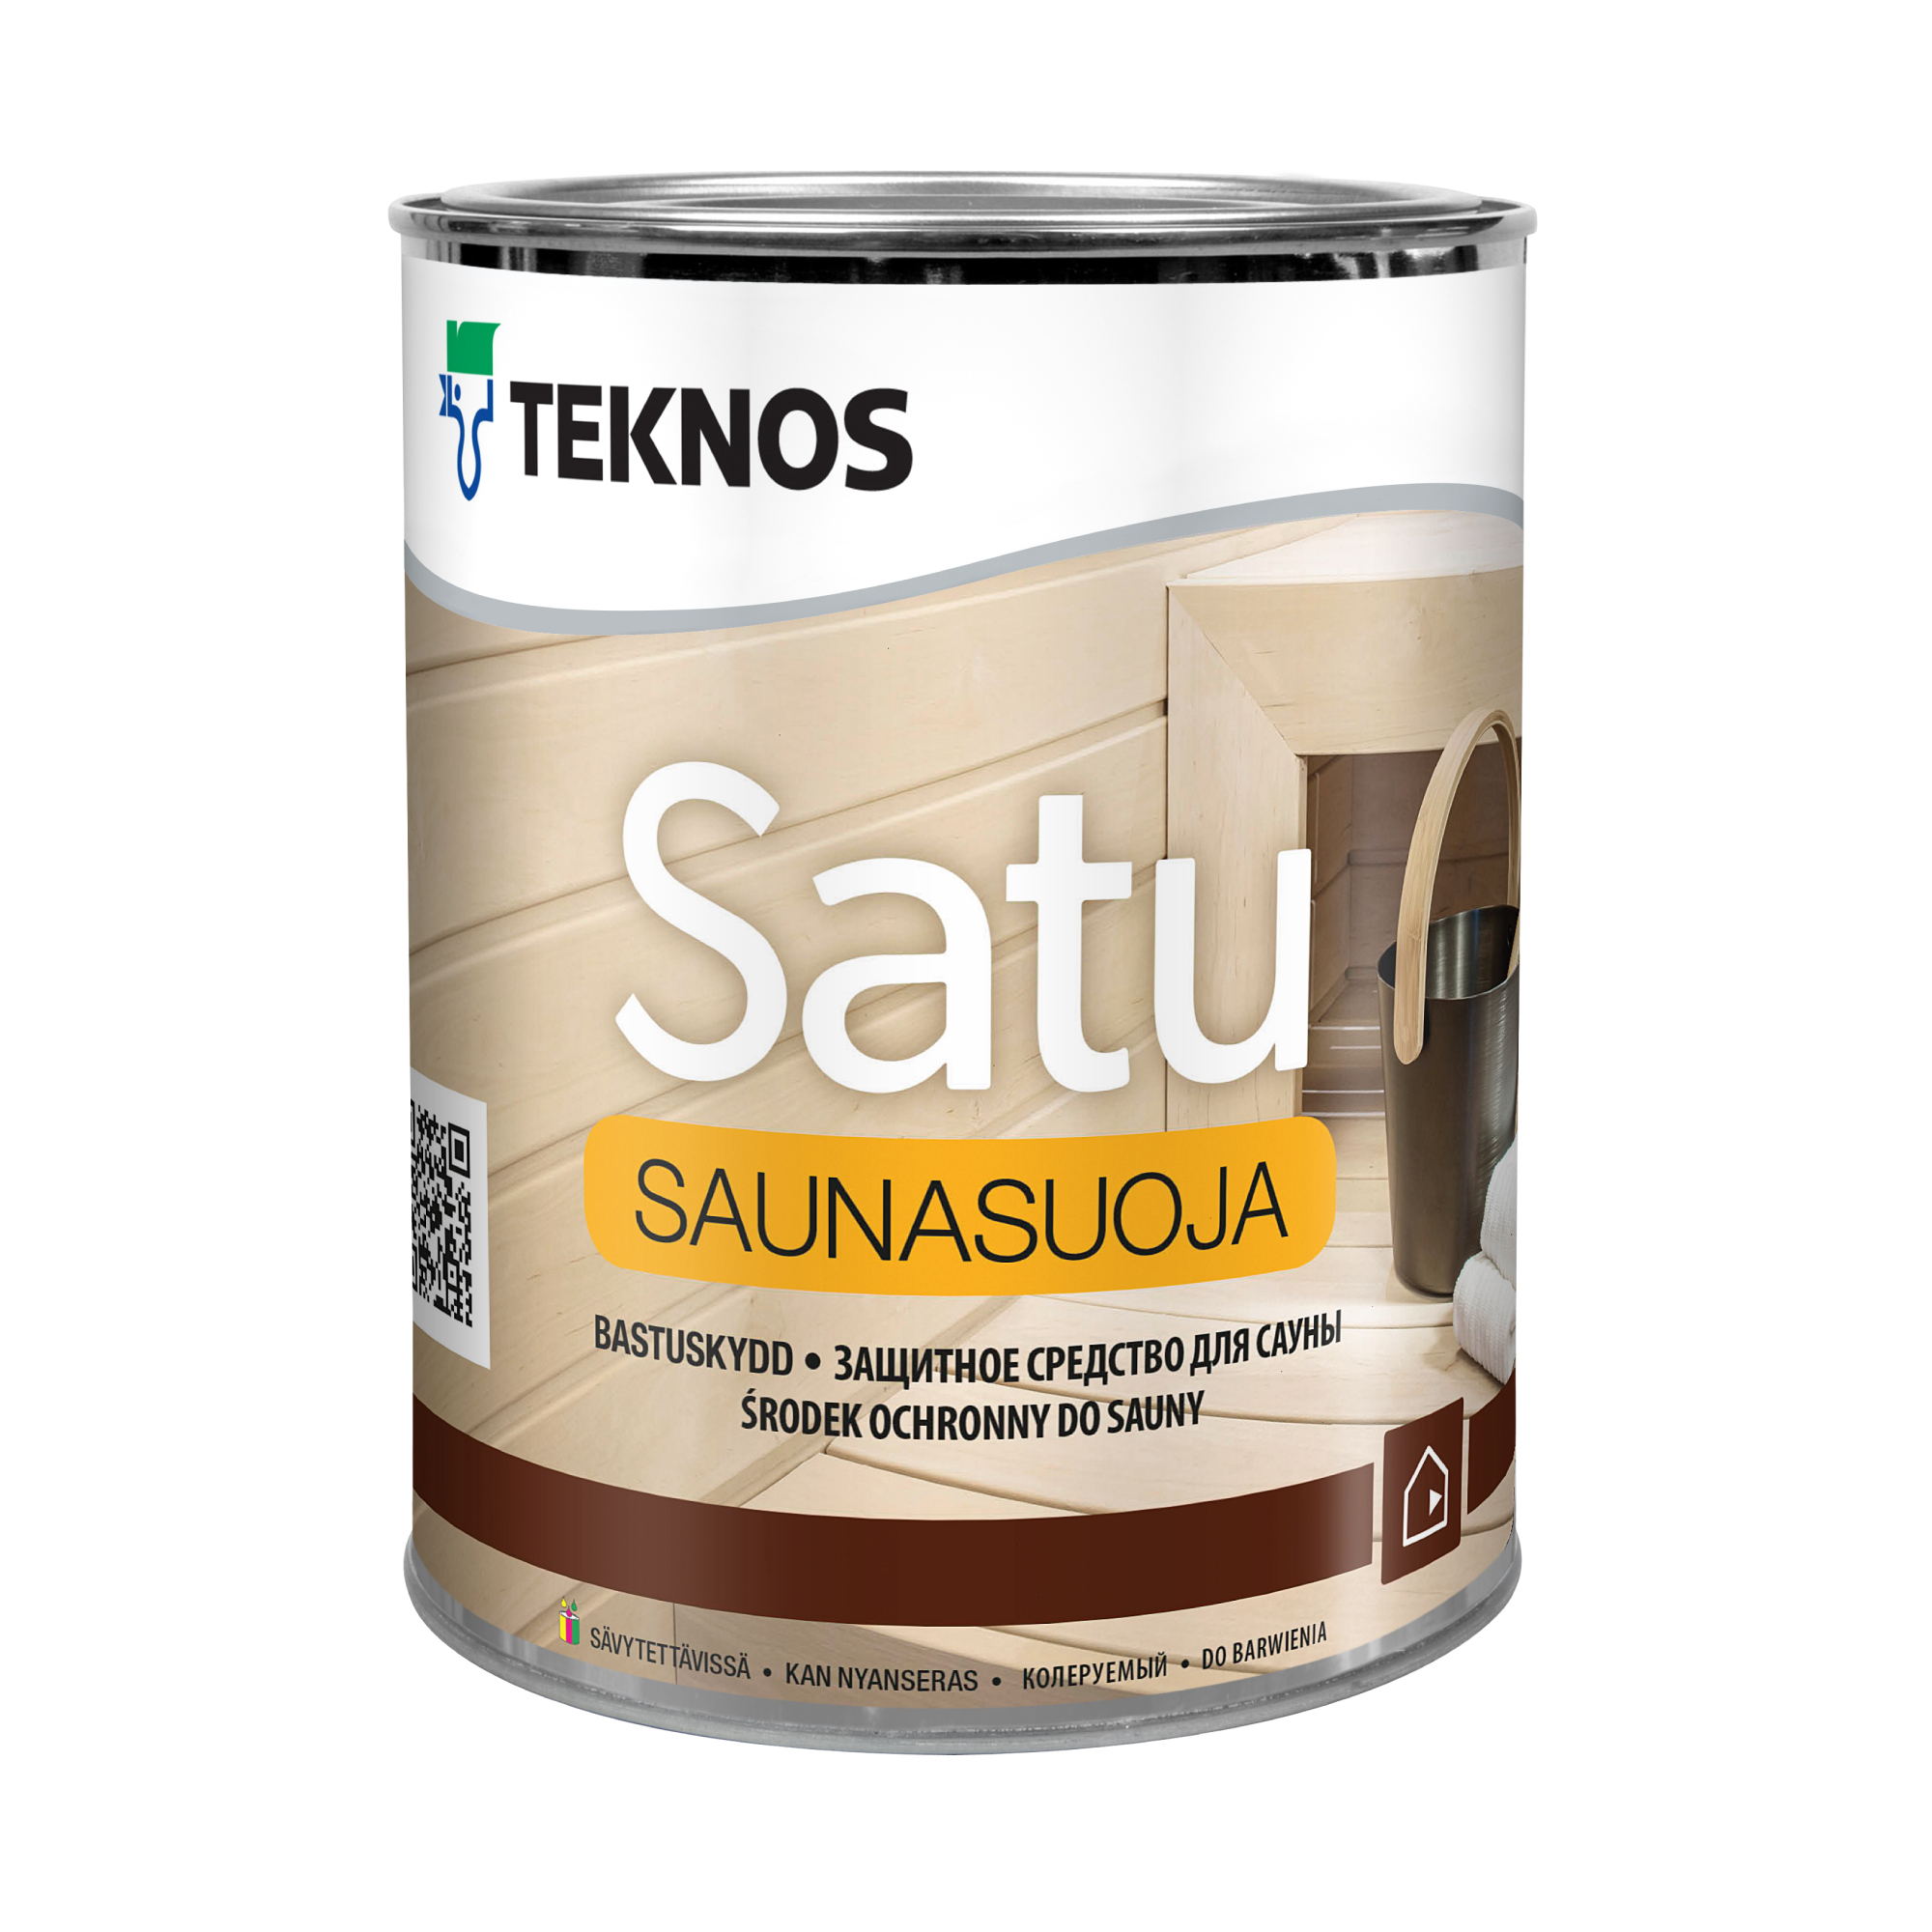 Защитное средство Tenkos для сауны Satu Saunasuoja PM3 1 л фото